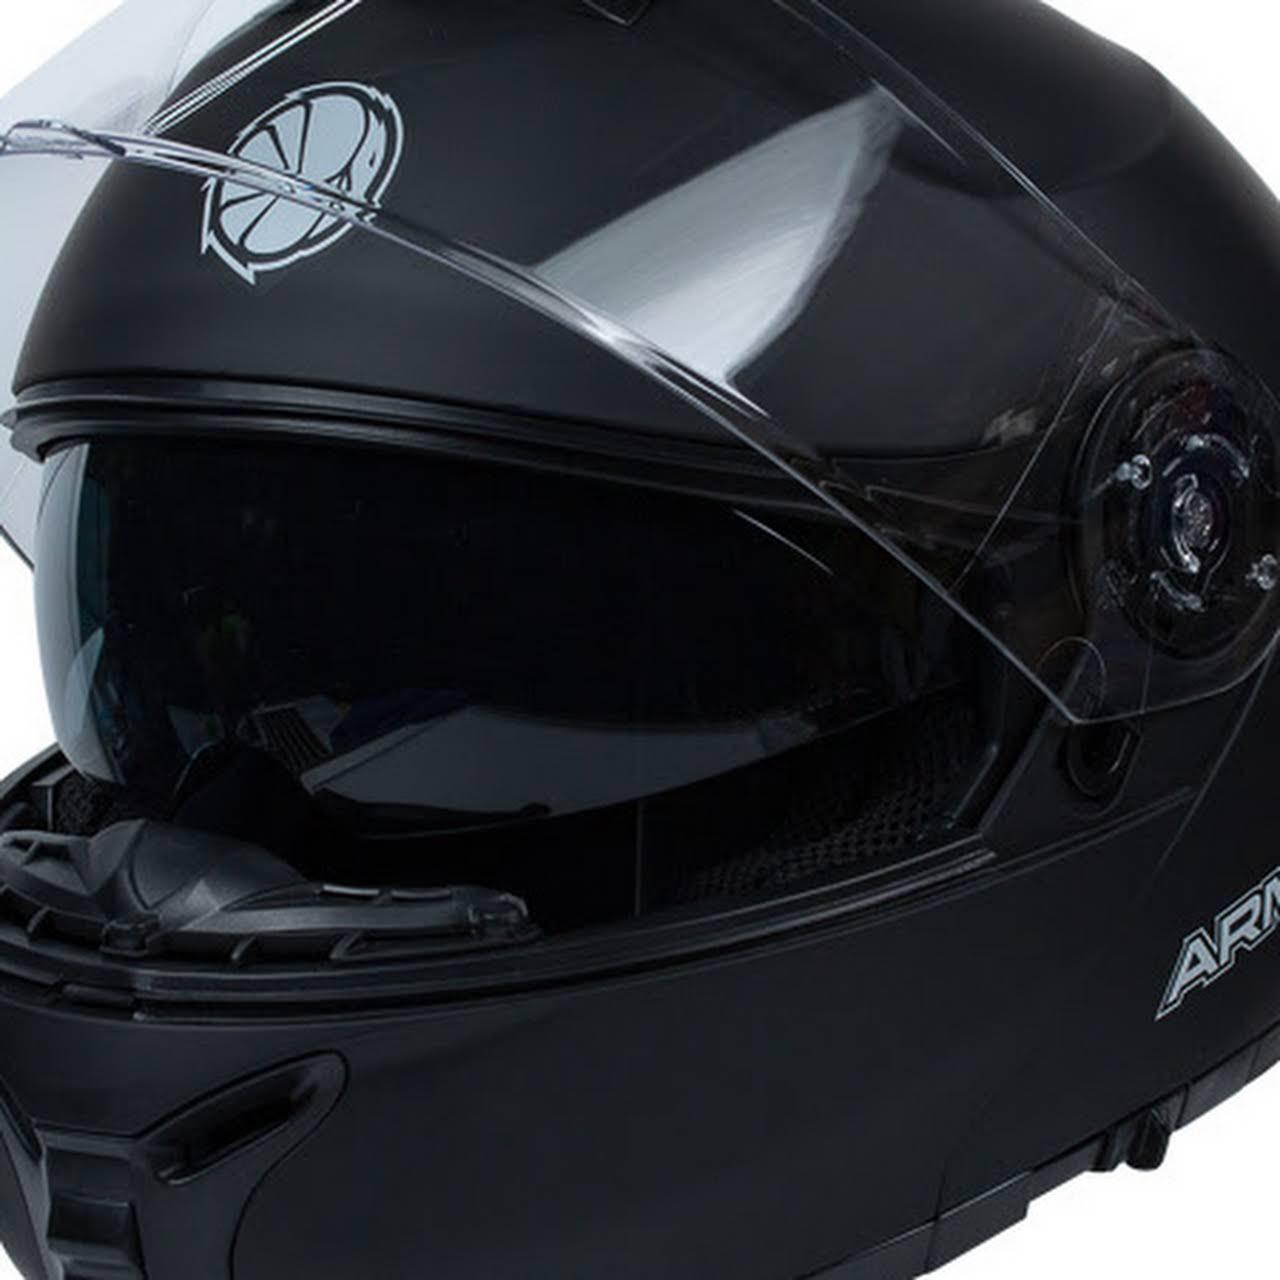 62946bb8112 OXS Sucursal Agustinas - Tienda de Accesorios para Motos